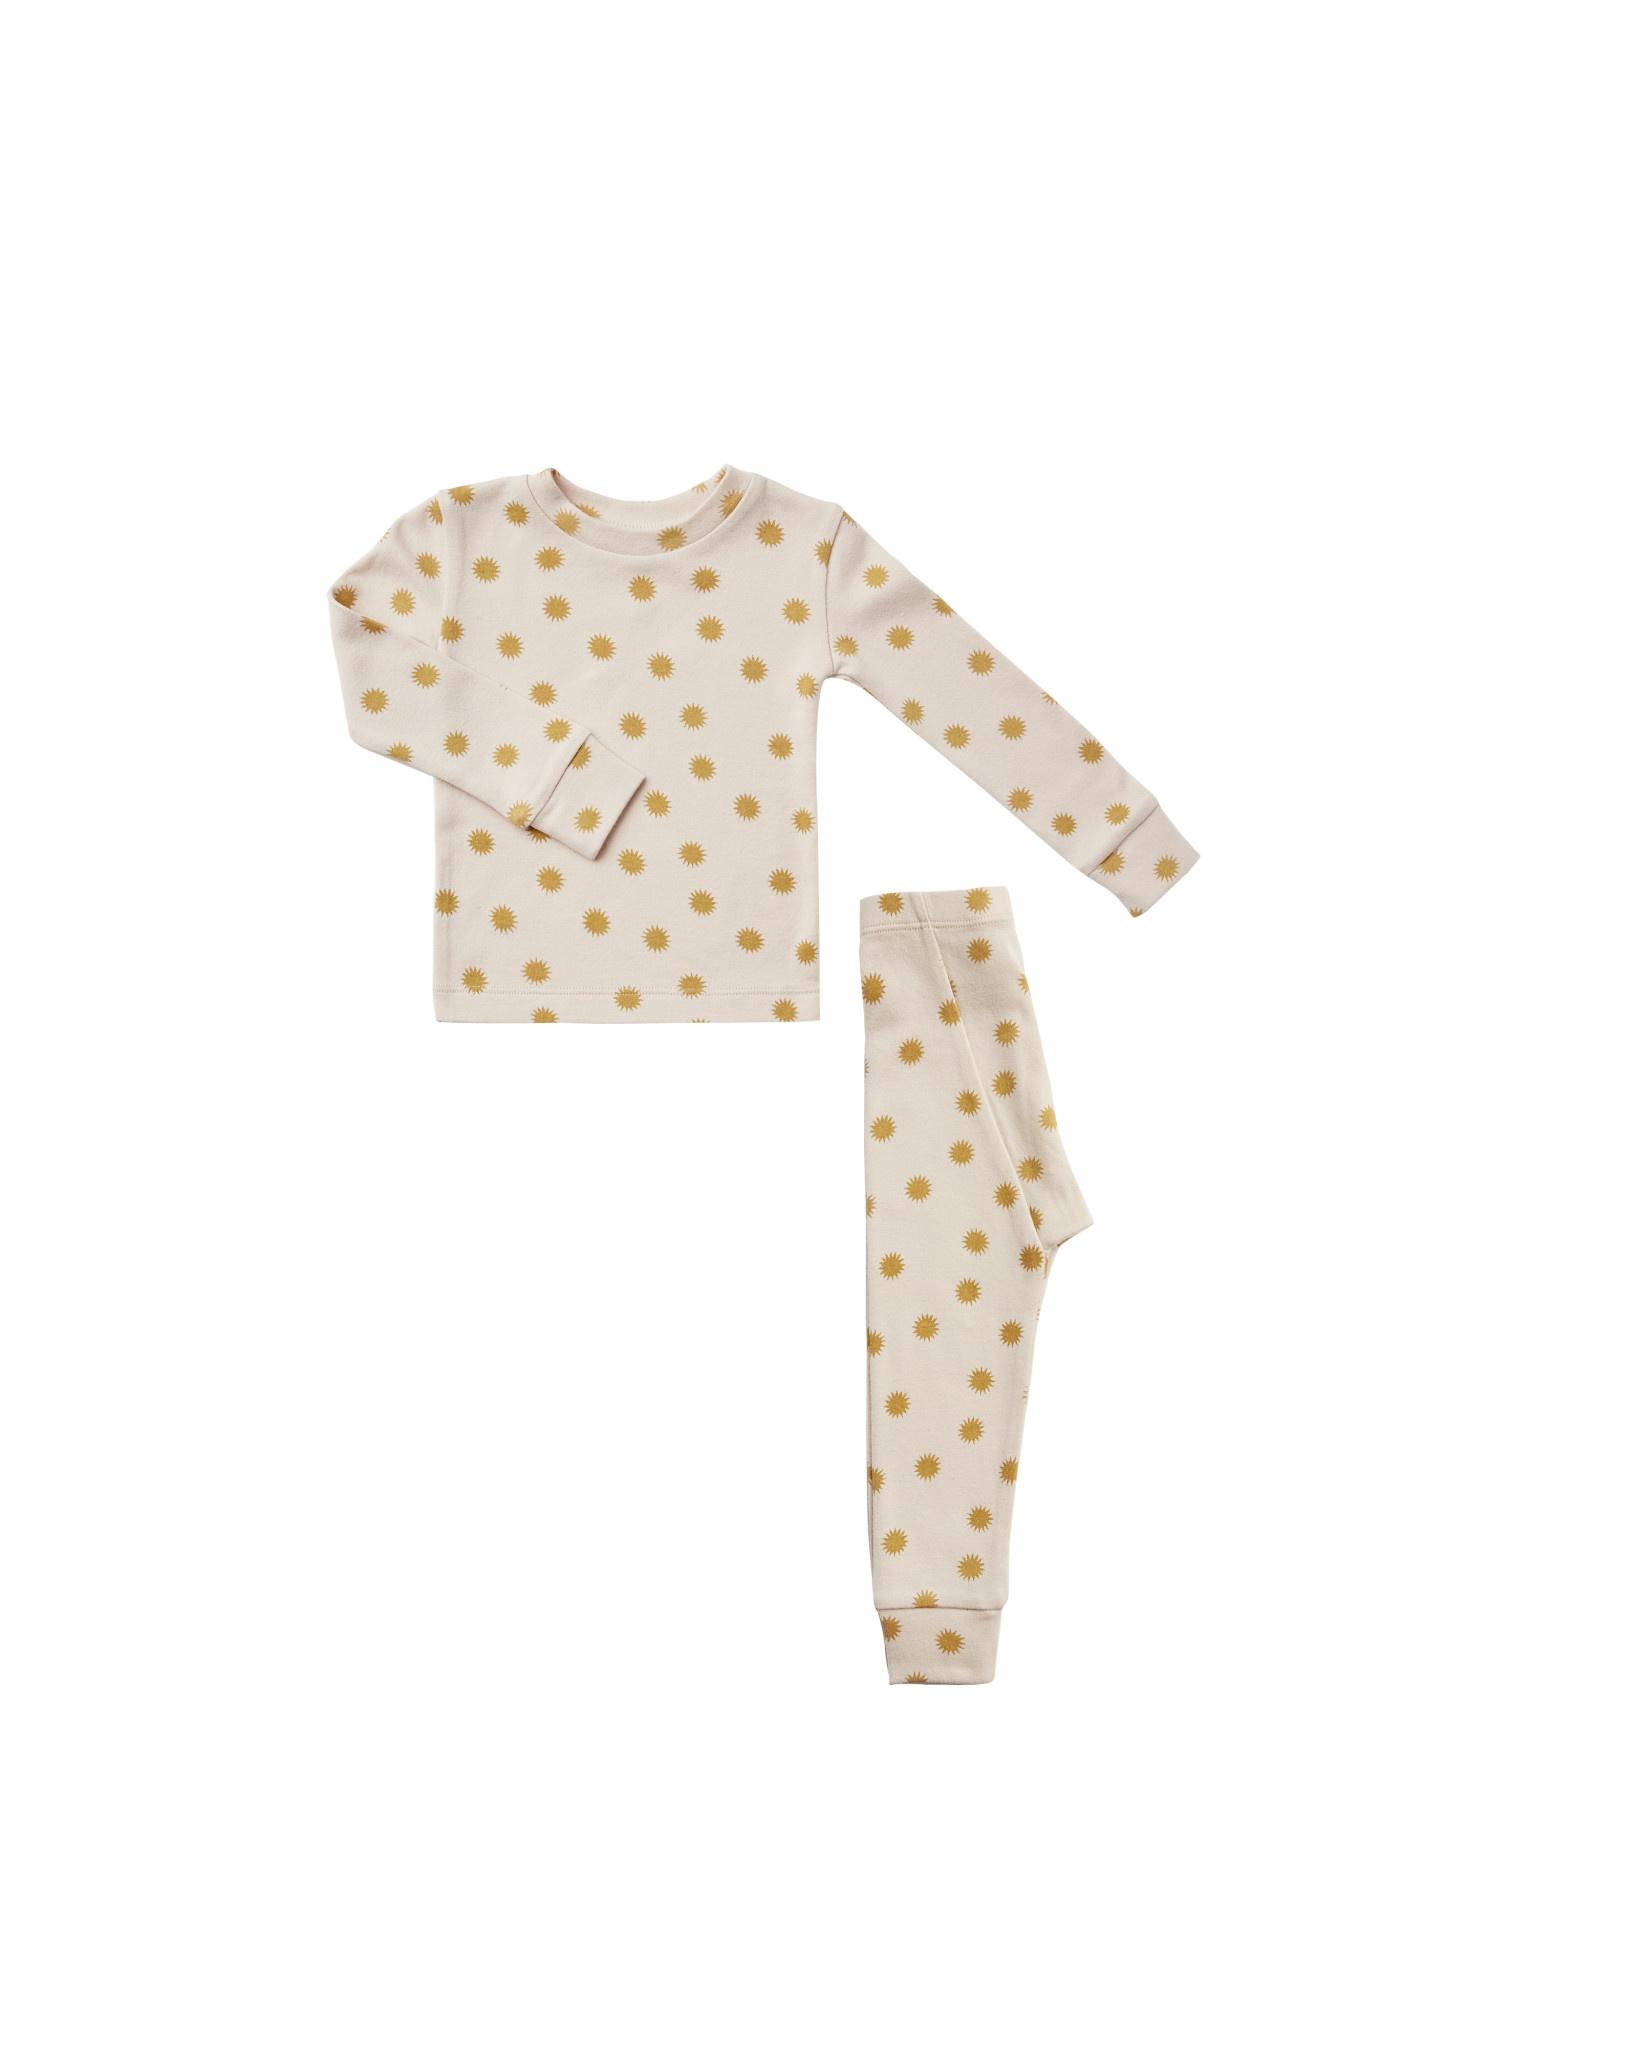 RYLEE AND CRU Sunburst Pajama Set